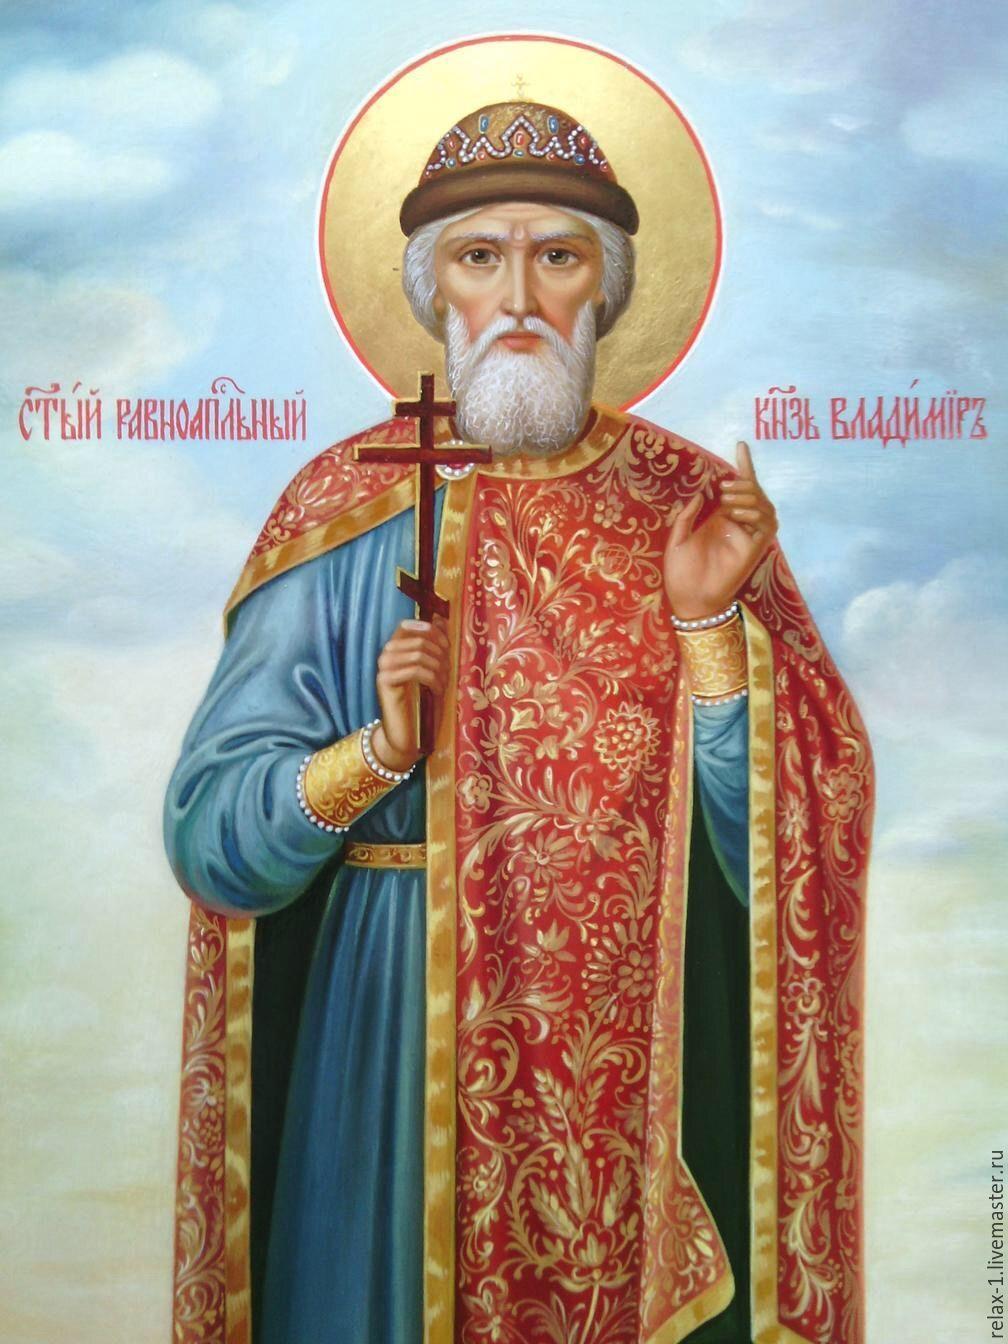 представлены все икона святого князя владимира картинки информагентства